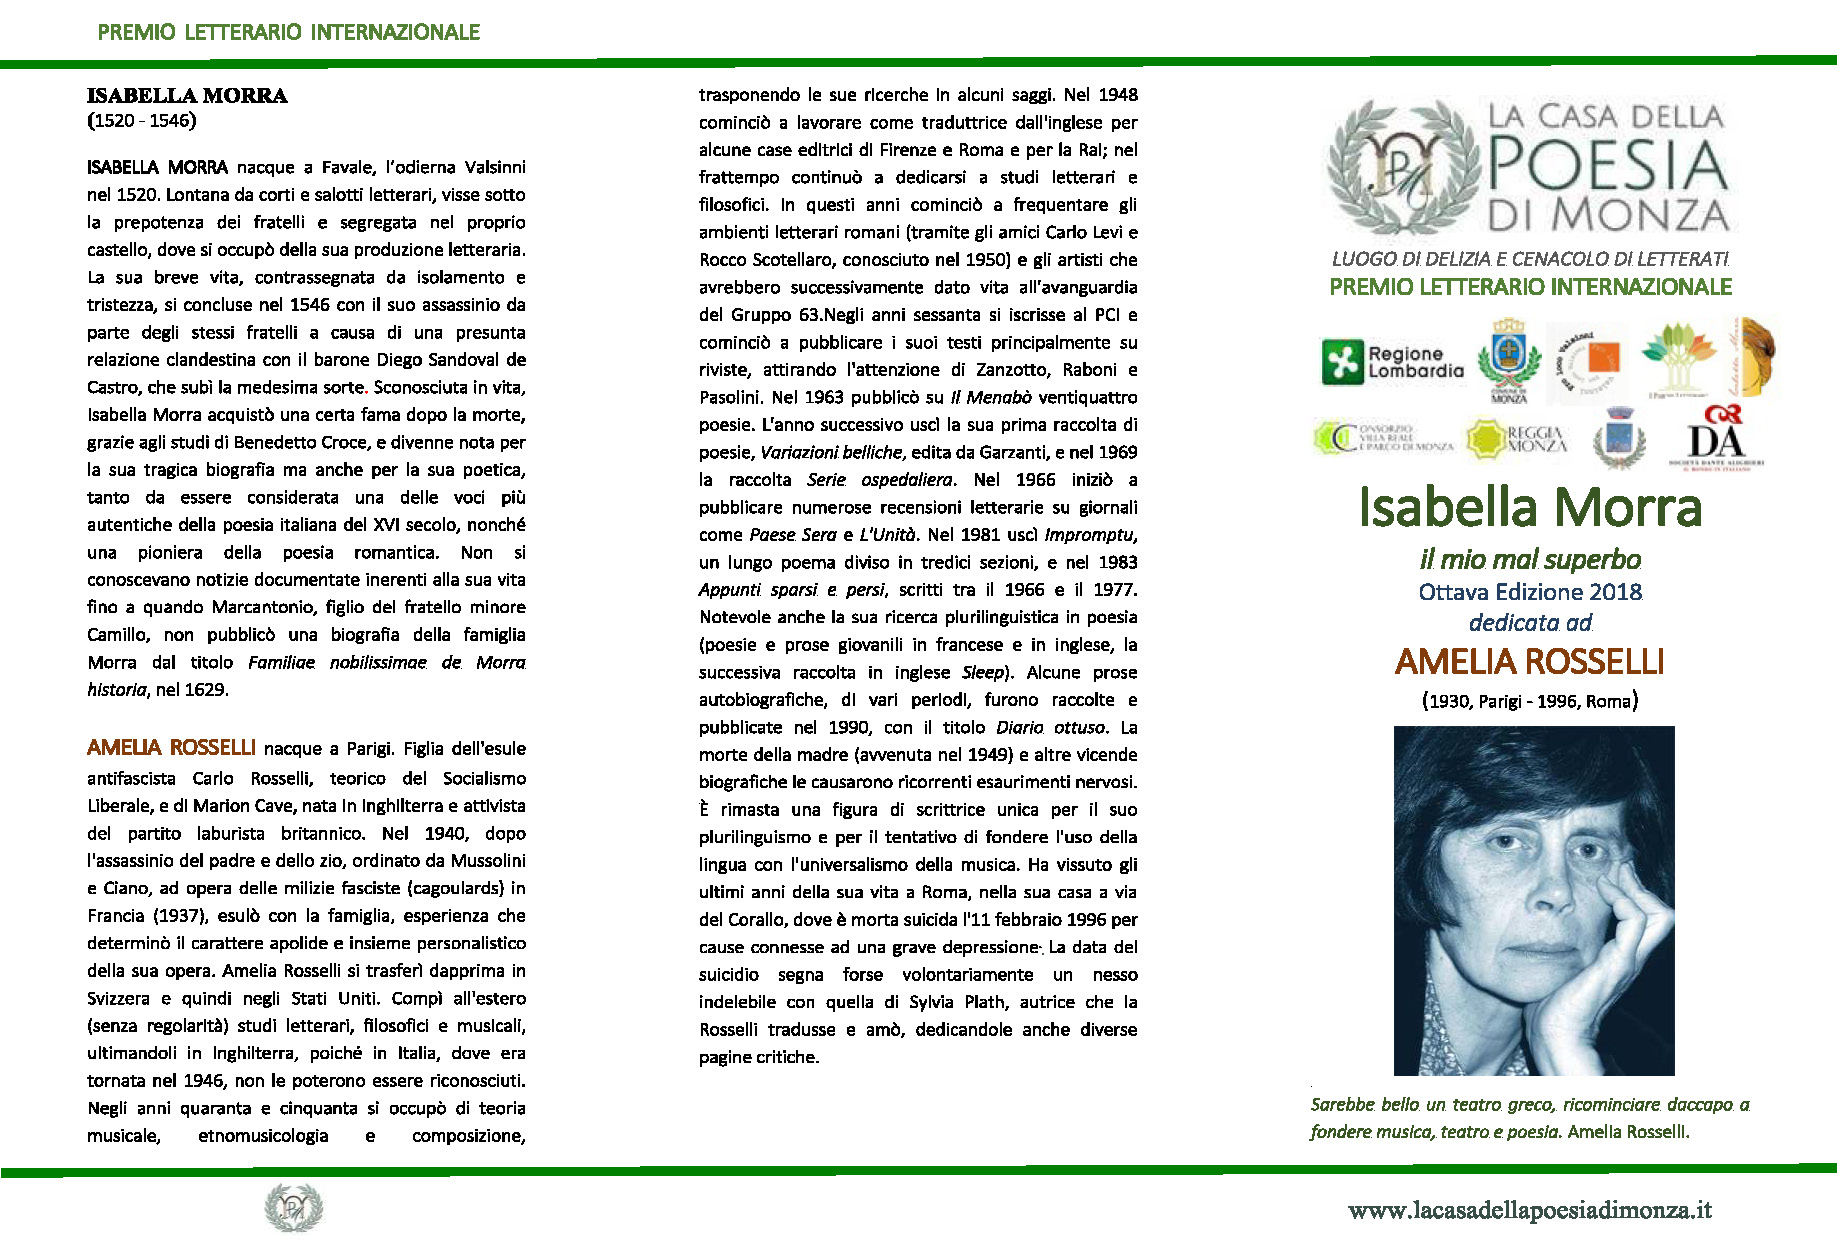 Premio Isabella Morra, il mio mal superbo VIII ediz. 2018 - Clicca per immagine grande.